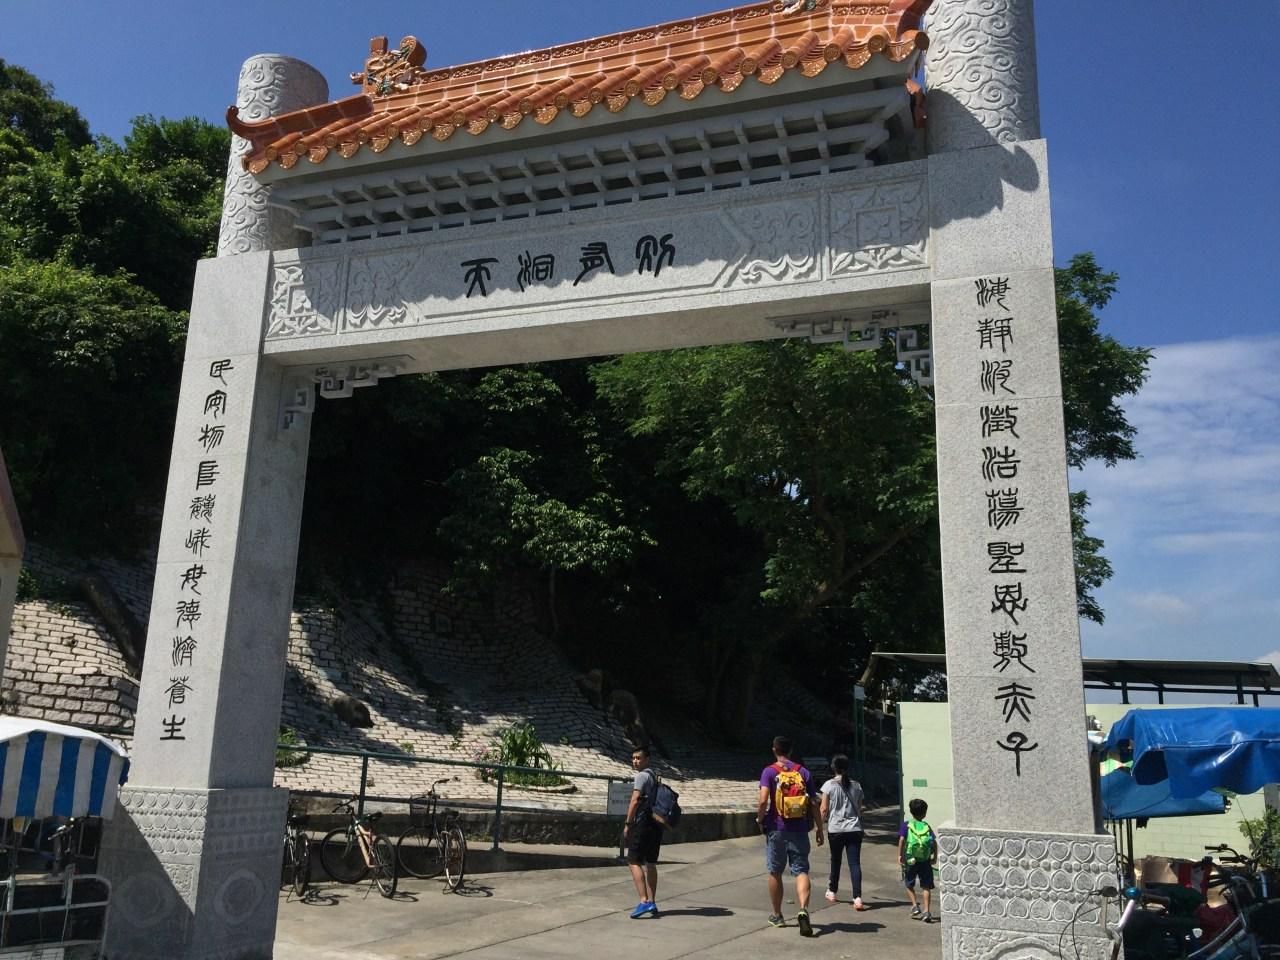 香港 #AlreadyTomorrowInHongKong- Adventuring without a blue box-TARDIS | Cheung Chau- Cheung Po Tsai Cave – Treasure cave...... Photographer @KevinJamesNg 2016